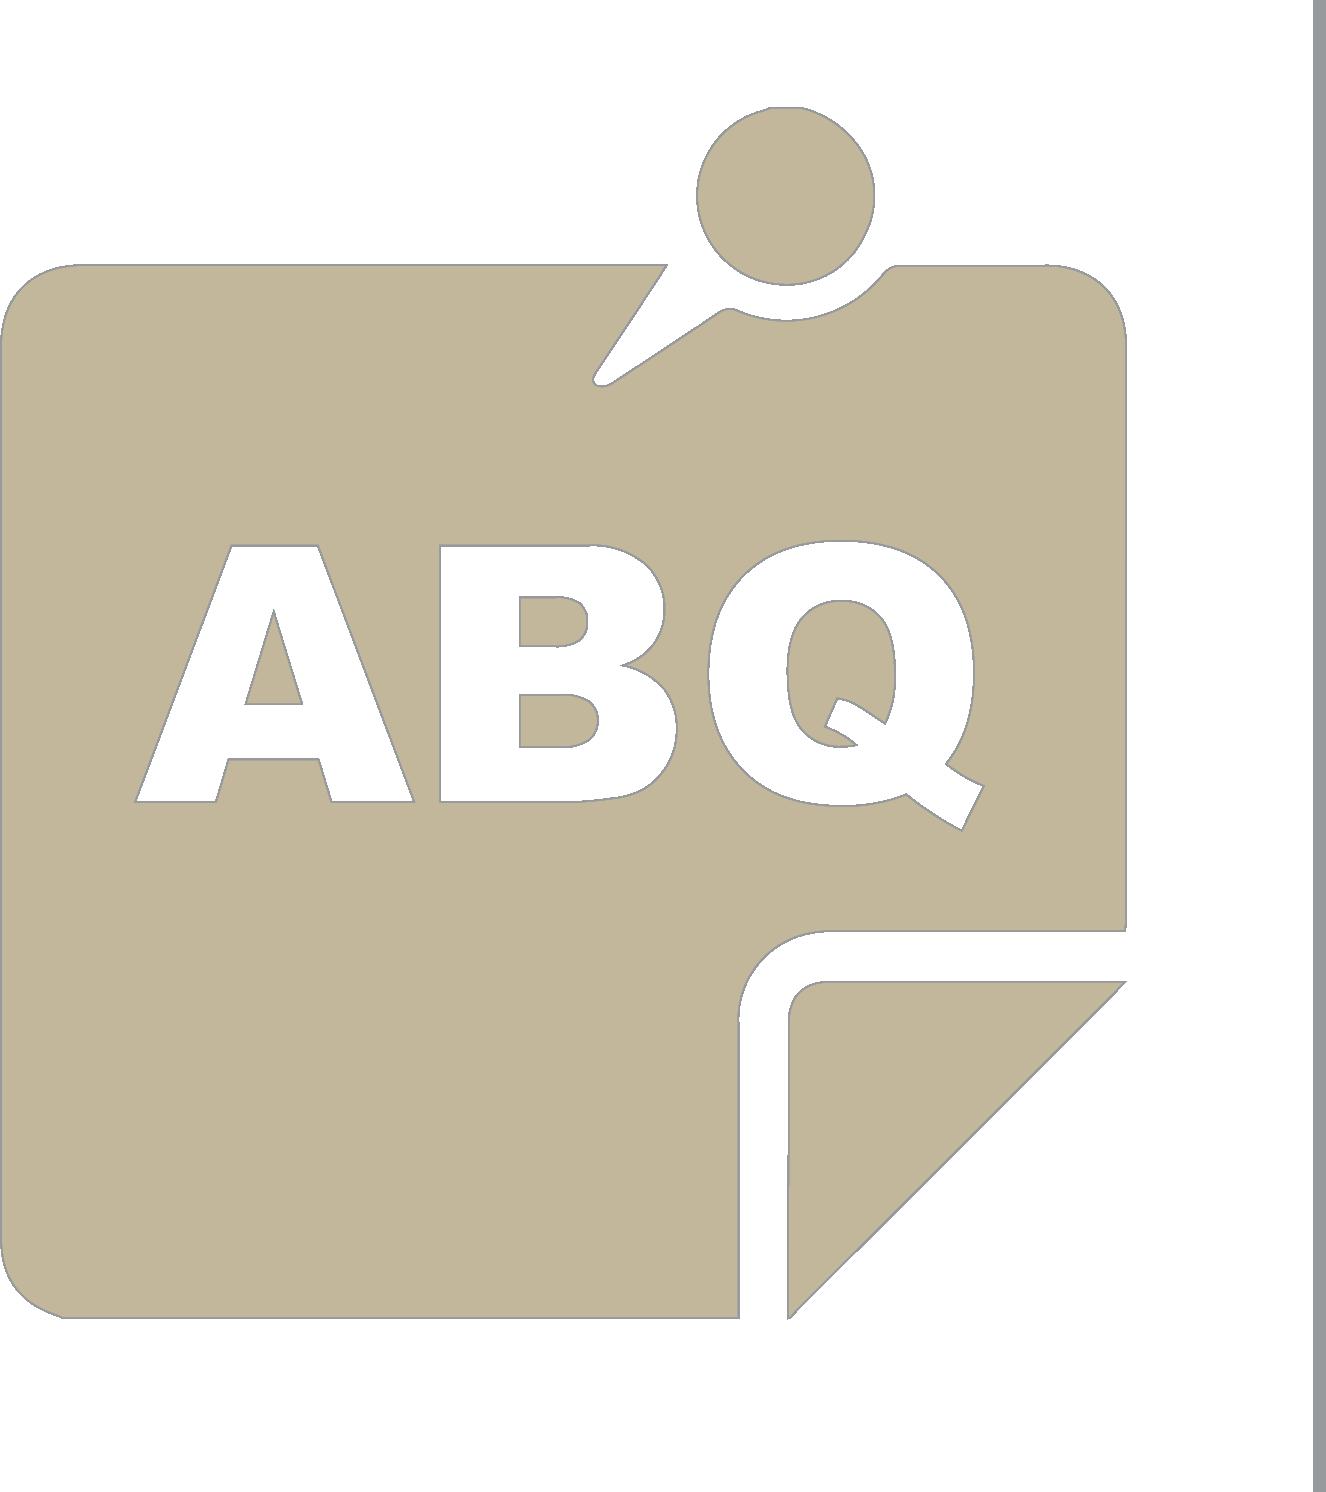 ABQ Icon